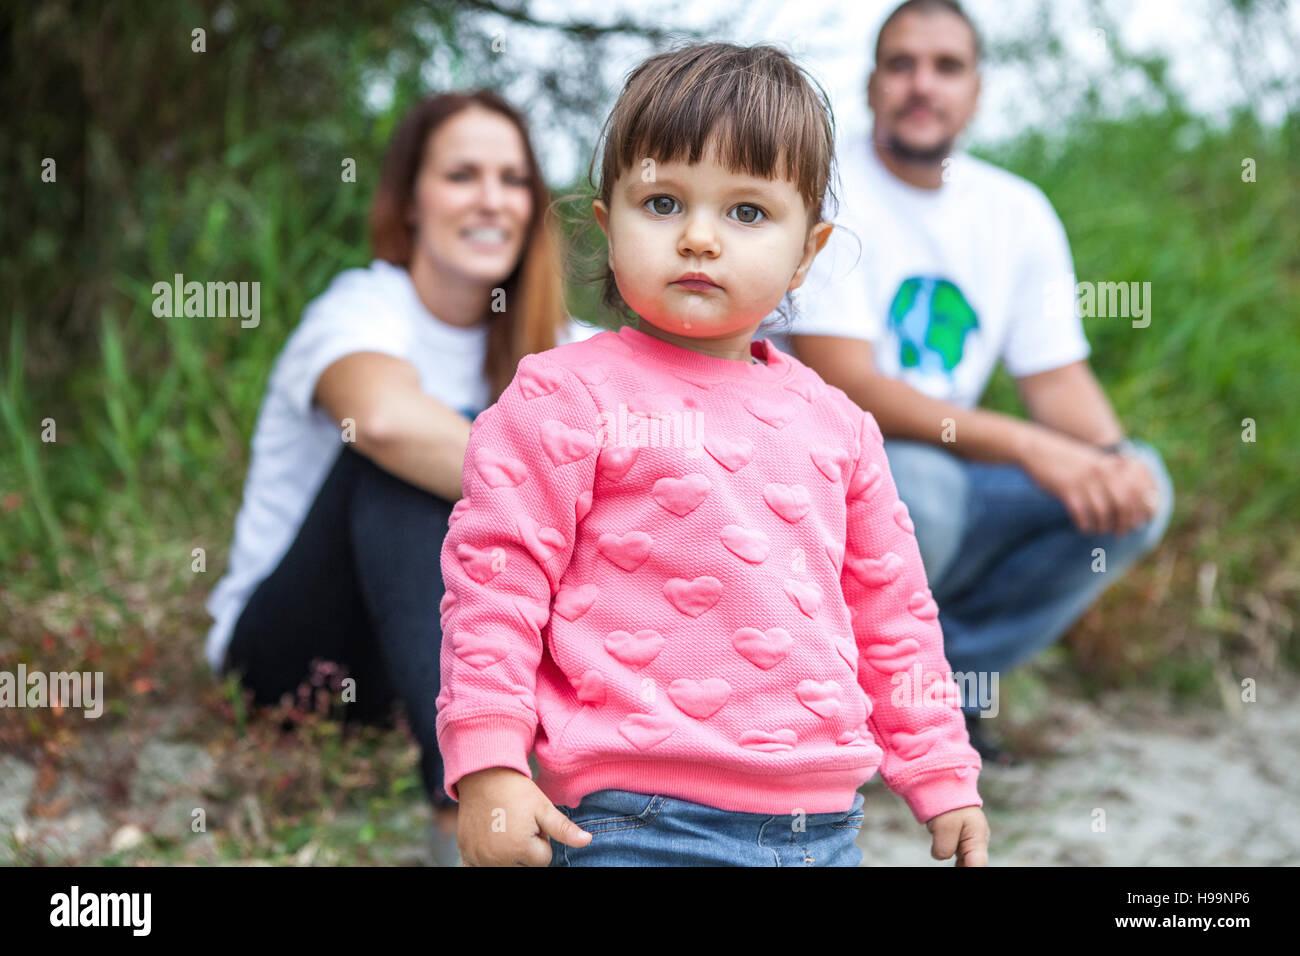 Niño Niña con padres en segundo plano. Imagen De Stock